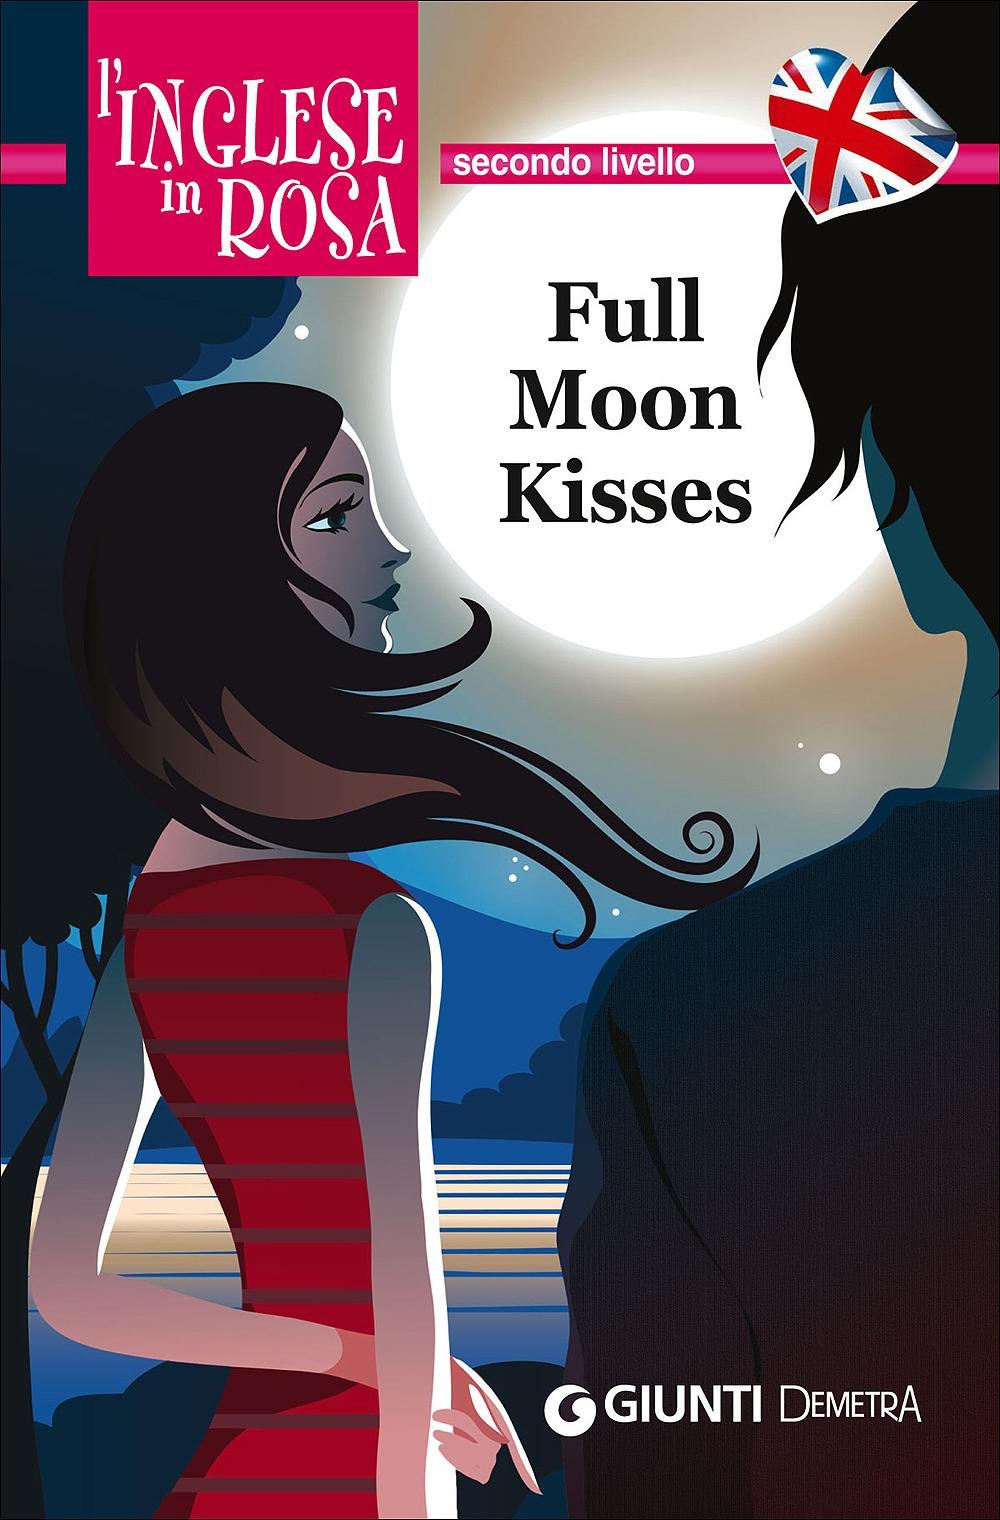 Full moon kisses. Le storie che migliorano il tuo inglese! Secondo livello